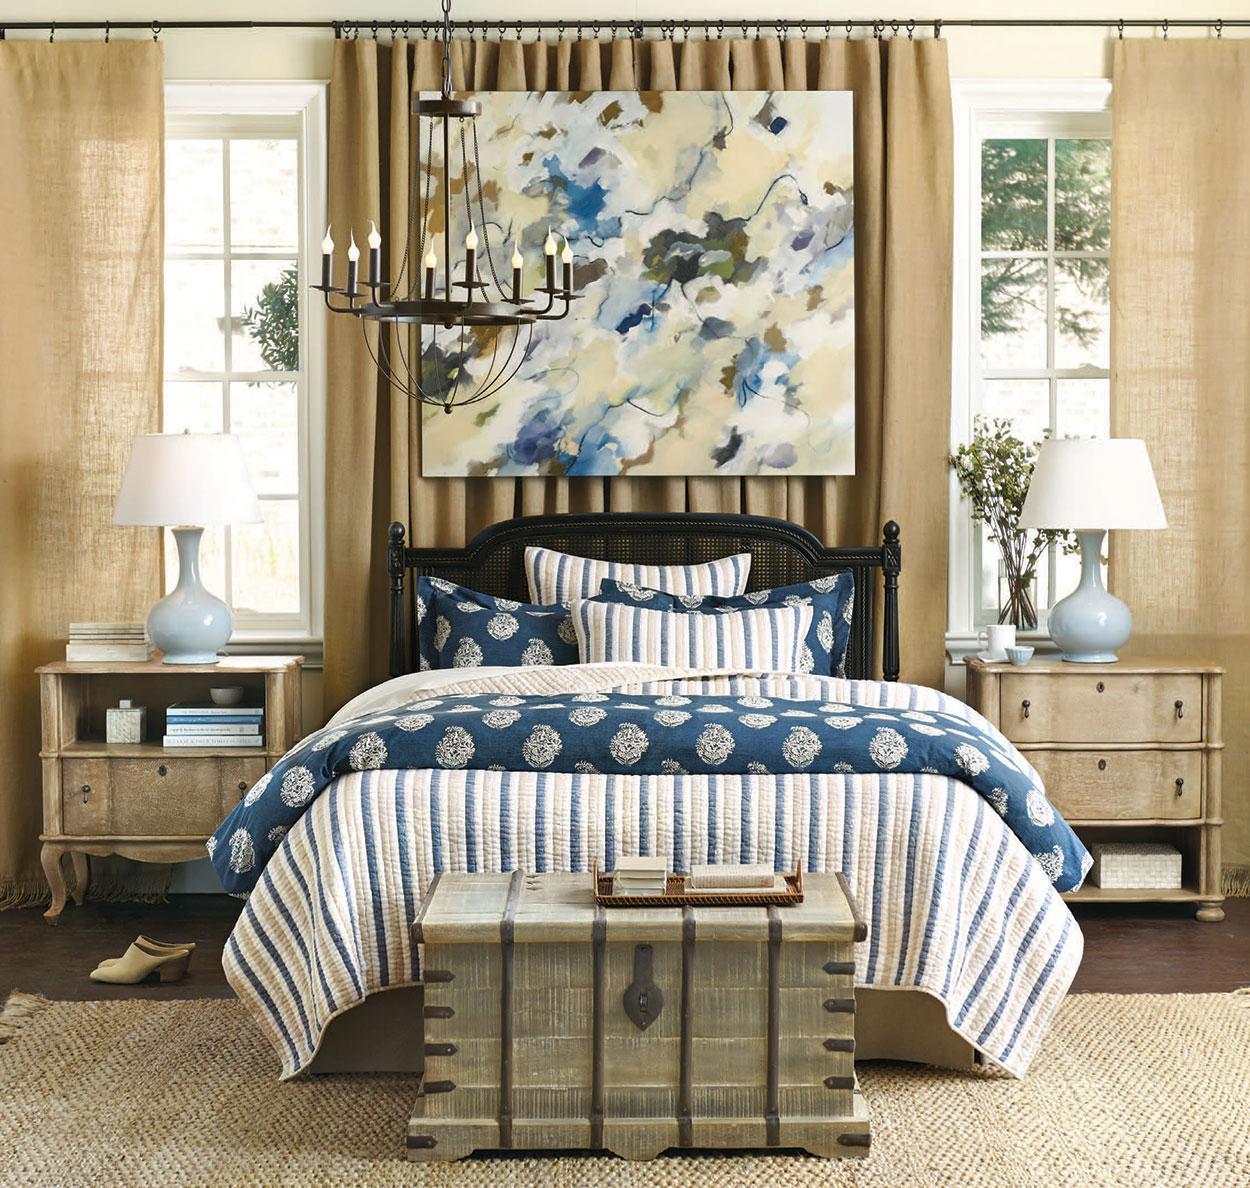 Bedroom Design 9 | Buyer Select